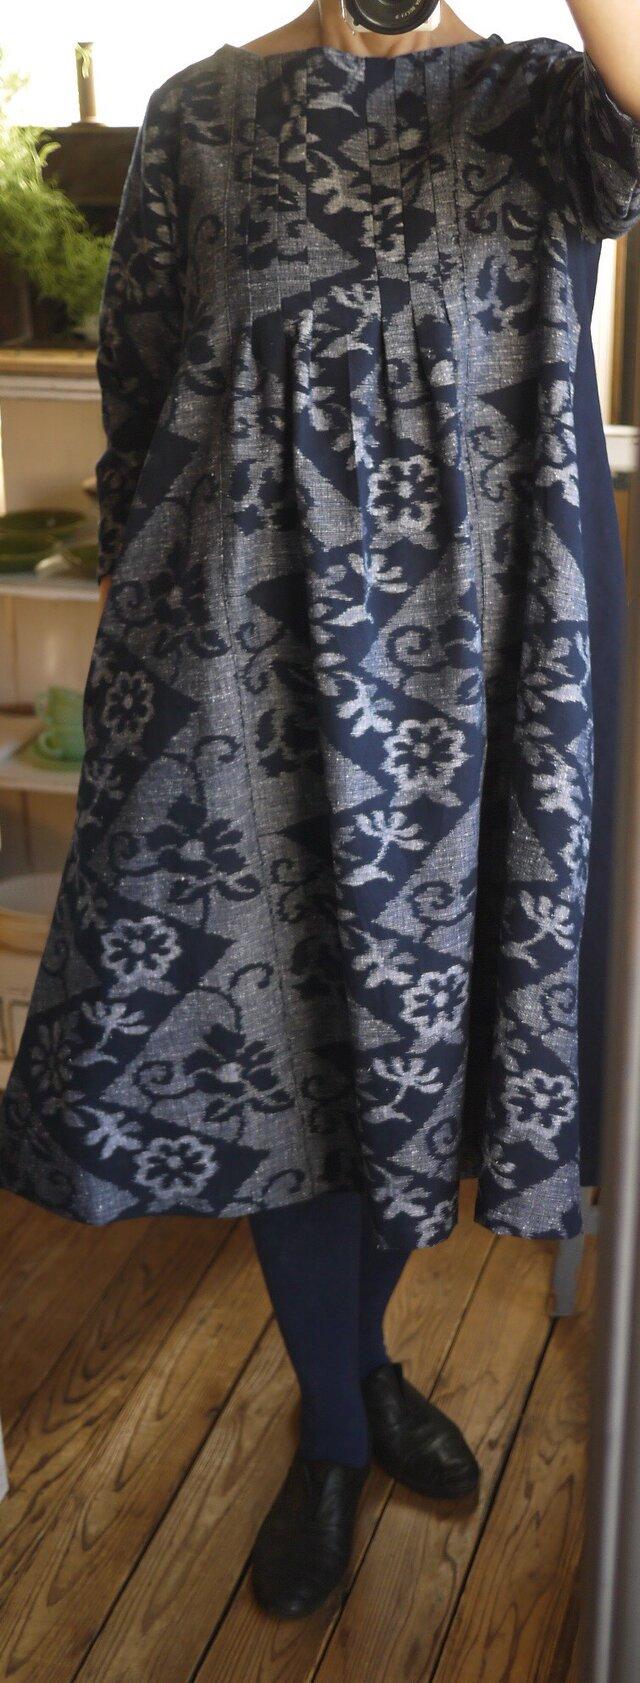 久留米絣手織り反物と濃紺無地からタックワンピースの画像1枚目